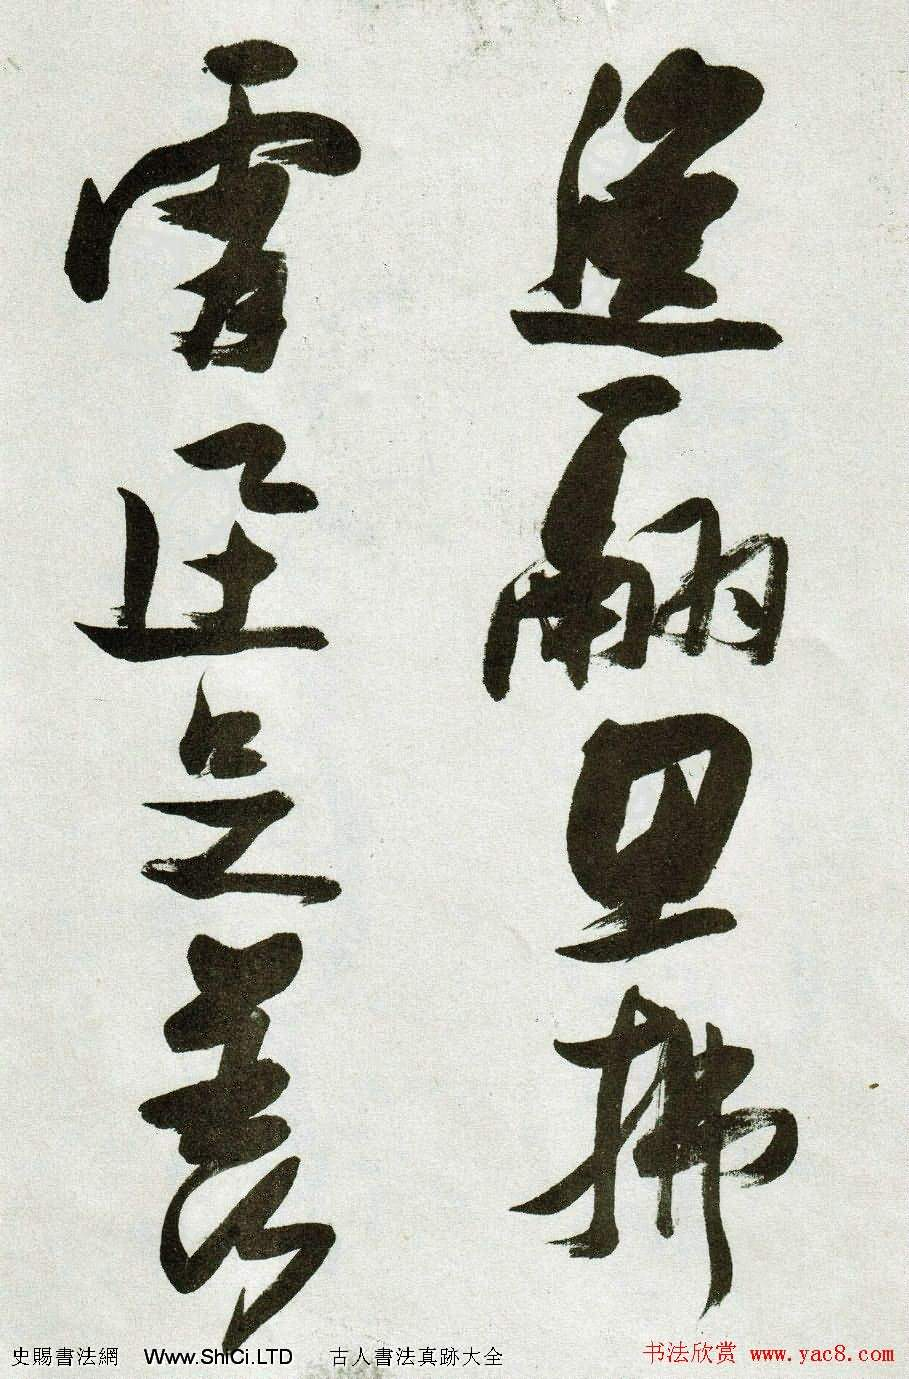 張瑞圖草書作品真跡欣賞《郭璞遊仙詩》(共31張圖片)